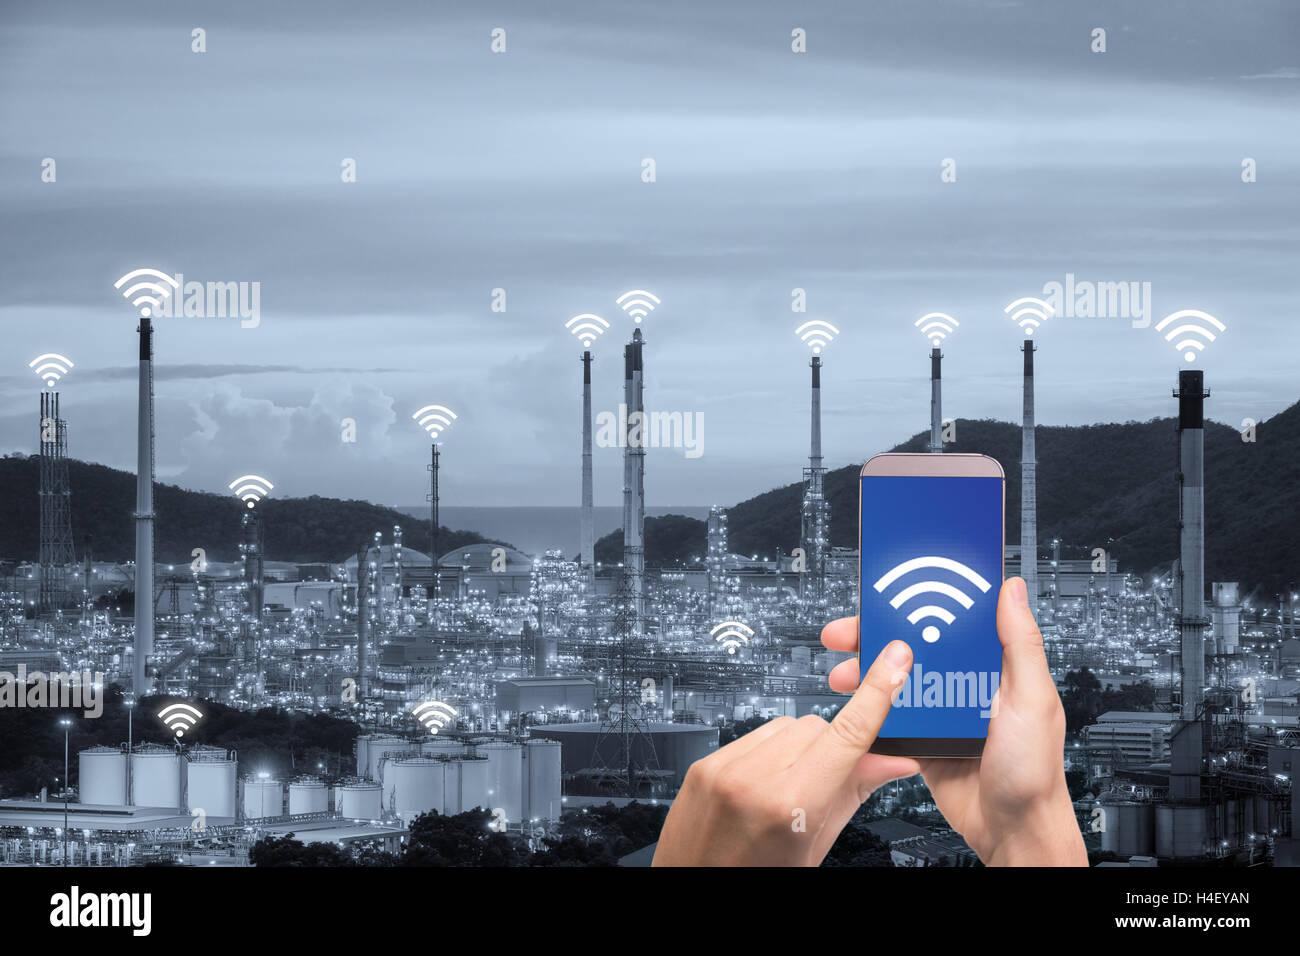 Control del smartphone mano sujetando la red de comunicación inalámbrica smart factory y el Internet de Imagen De Stock